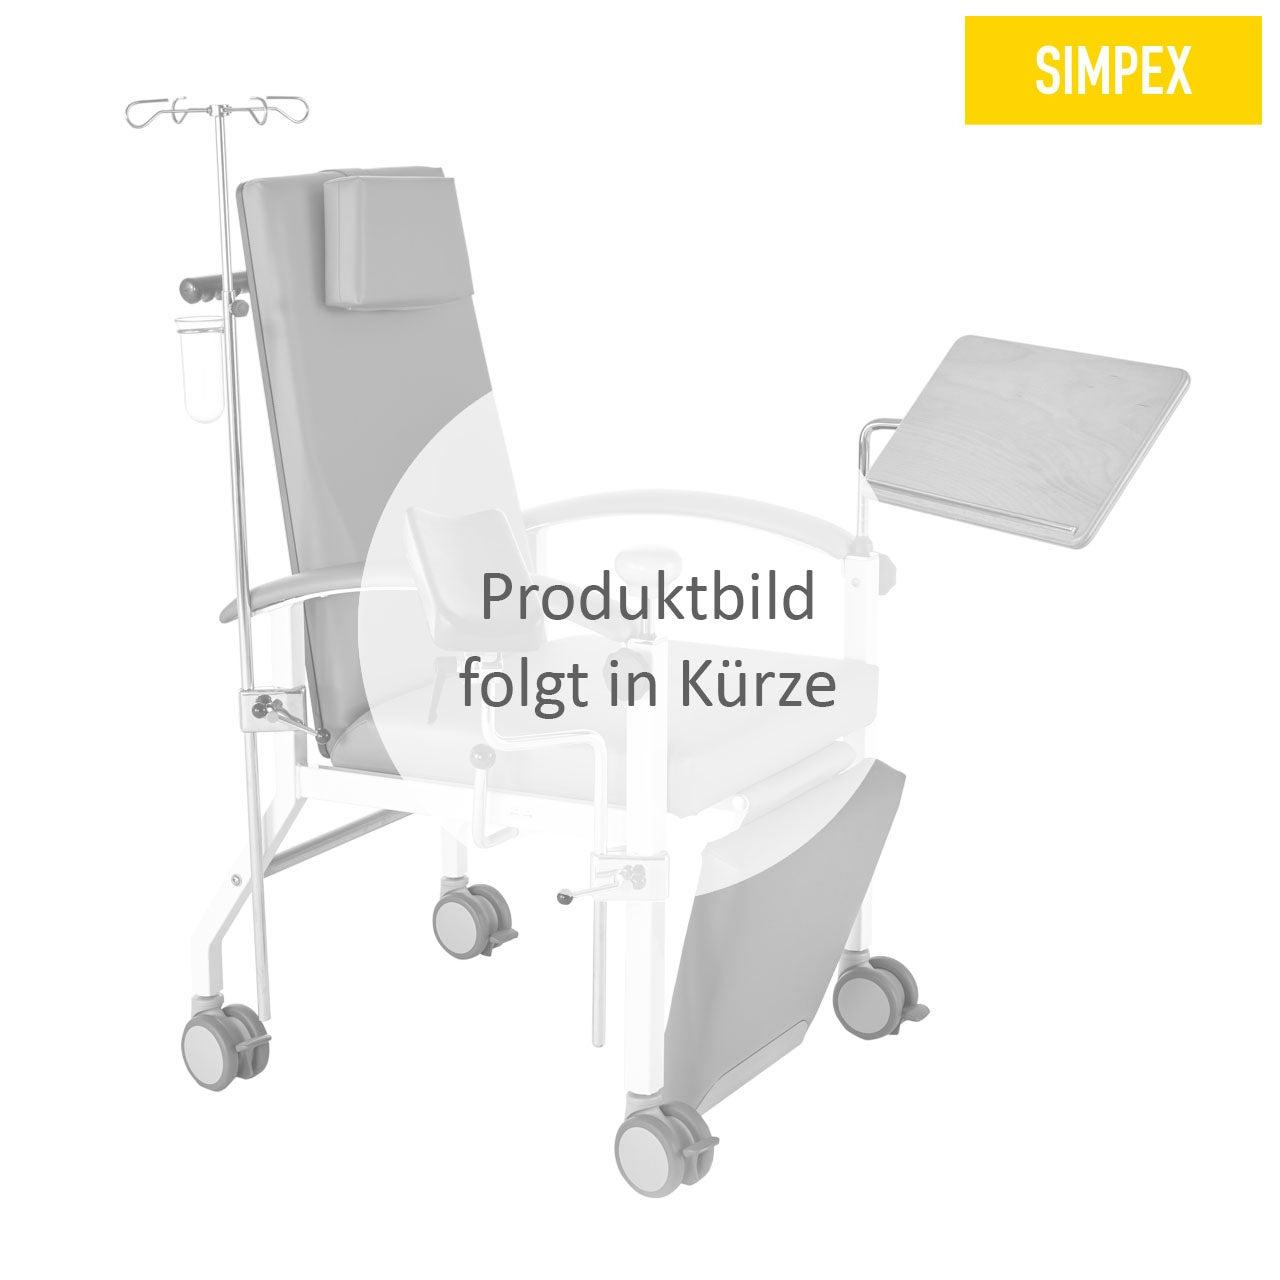 Blutentnahmestuhl Sessel HAEMO-STAT Cuneo XL Mobil mit Kunstleder in gelb (mais) und einem Gestell aus Stahl grauweiß gepulvert von SIMPEX